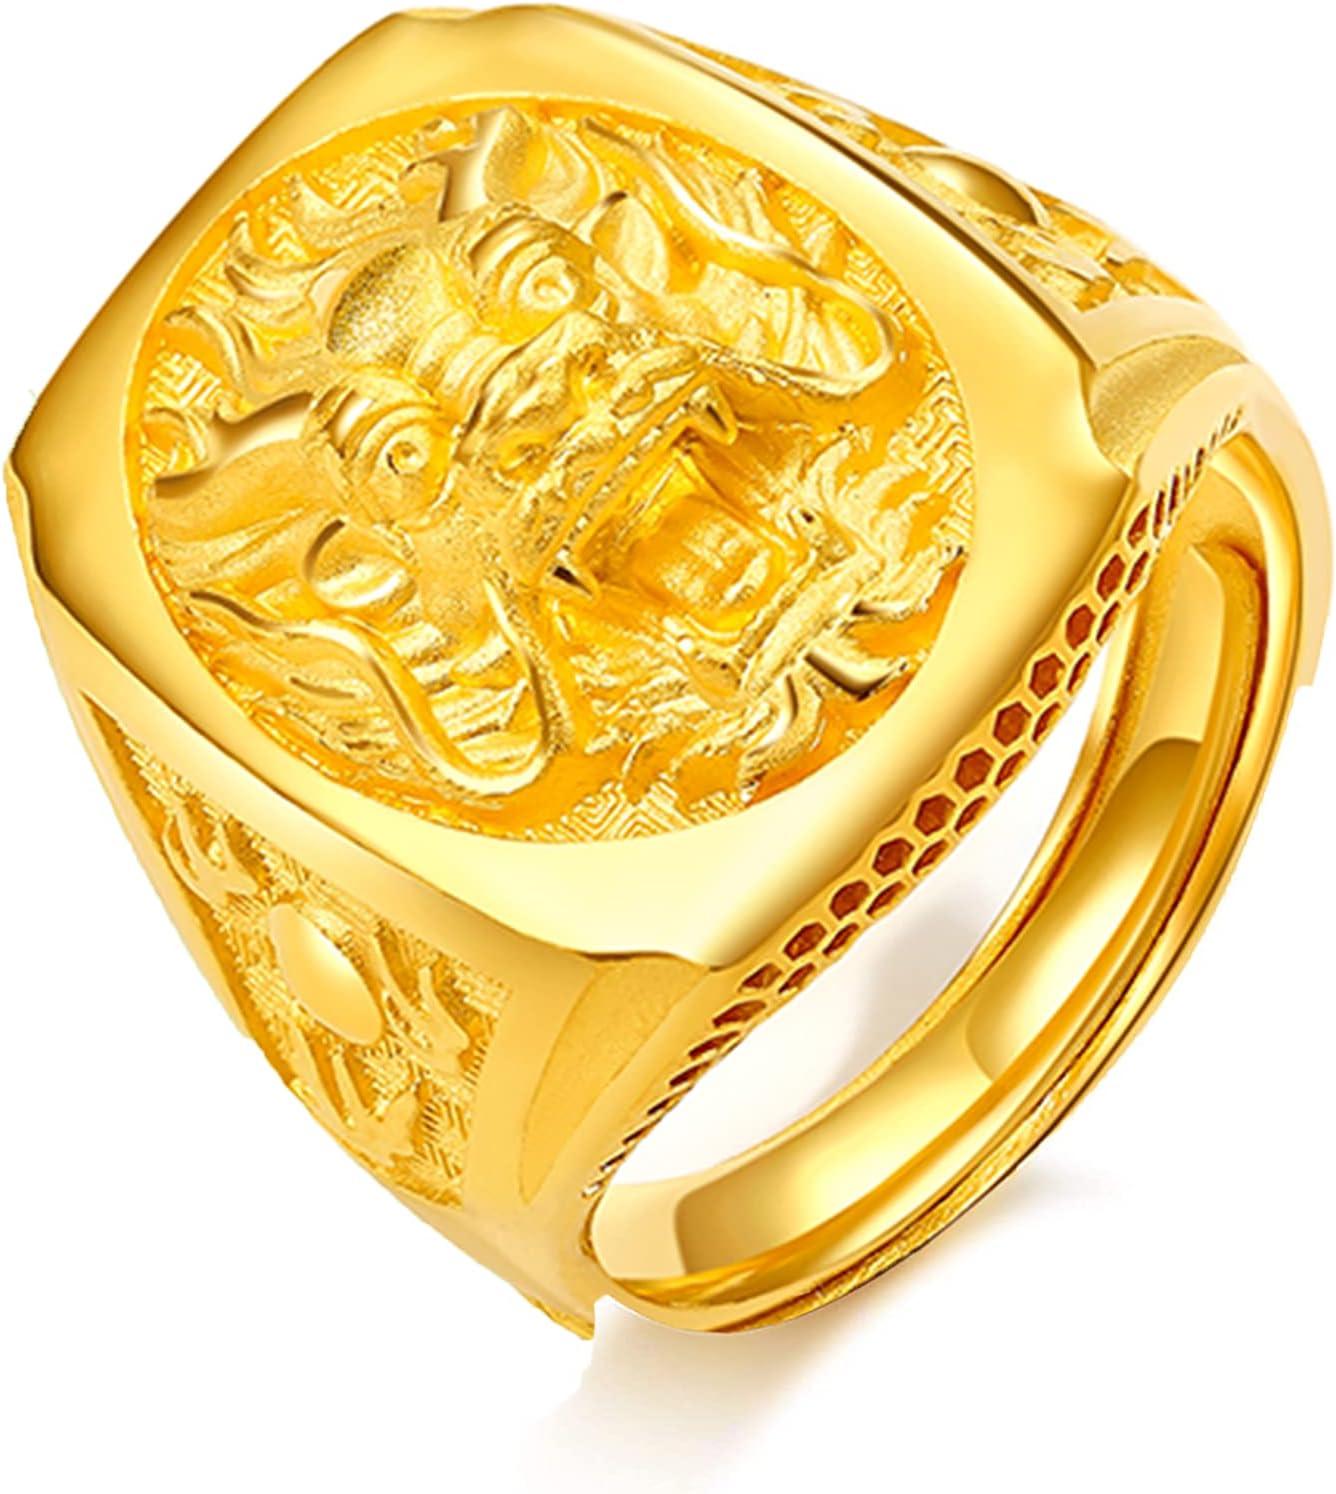 Oro Puro De 24K Dragón Oriental Anillo Tallado De Cabeza De Dragón Ring Dorado Alianzas Boda Hombre Sólido 999 Anillo De La Joyería Ajustable